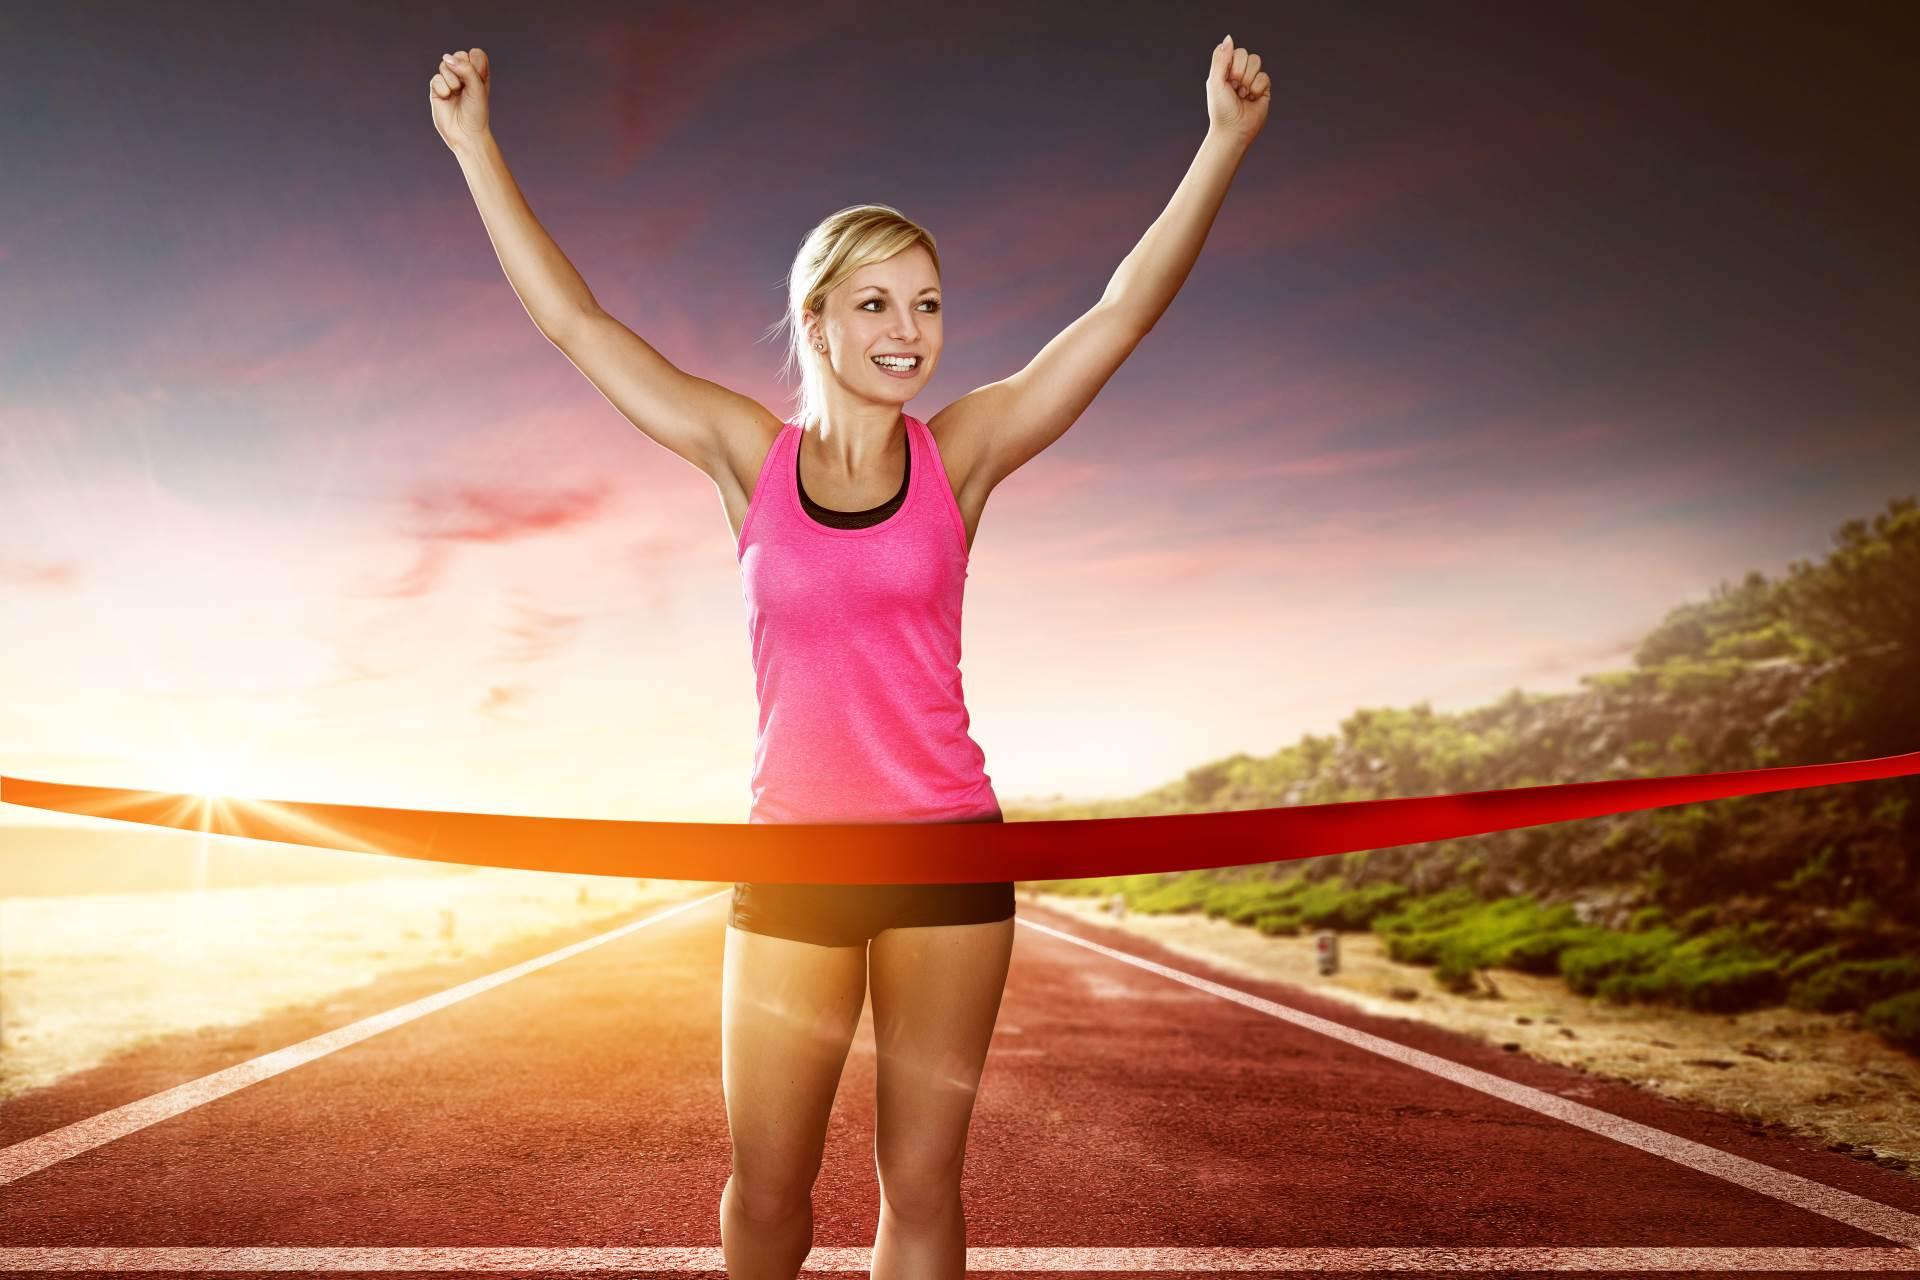 motivacija-cilj-uspjeh